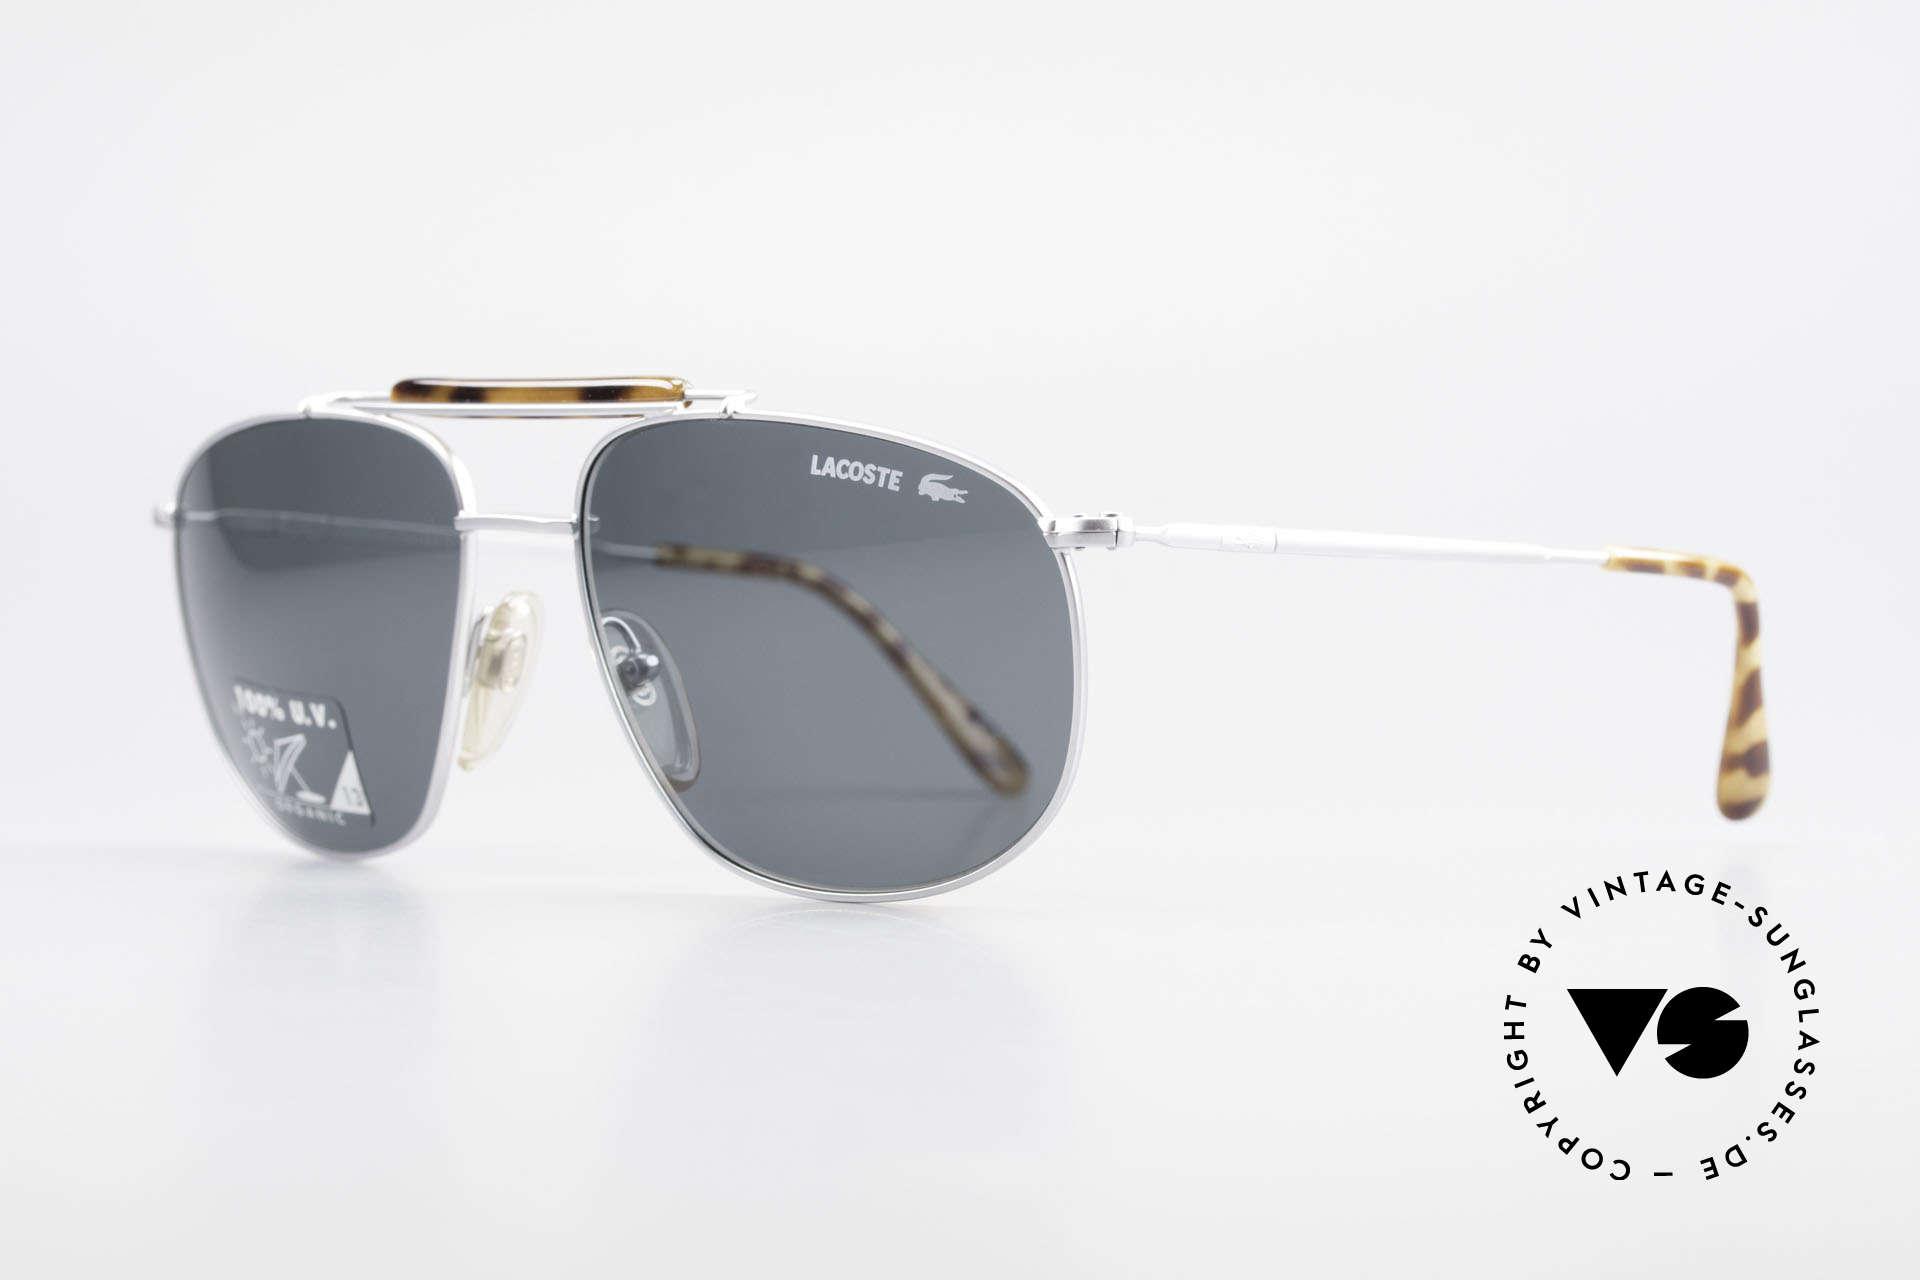 Lacoste 149 Titanium Sonnenbrille Herren, sehr solide Verarbeitung, gepaart mit Eleganz, Passend für Herren